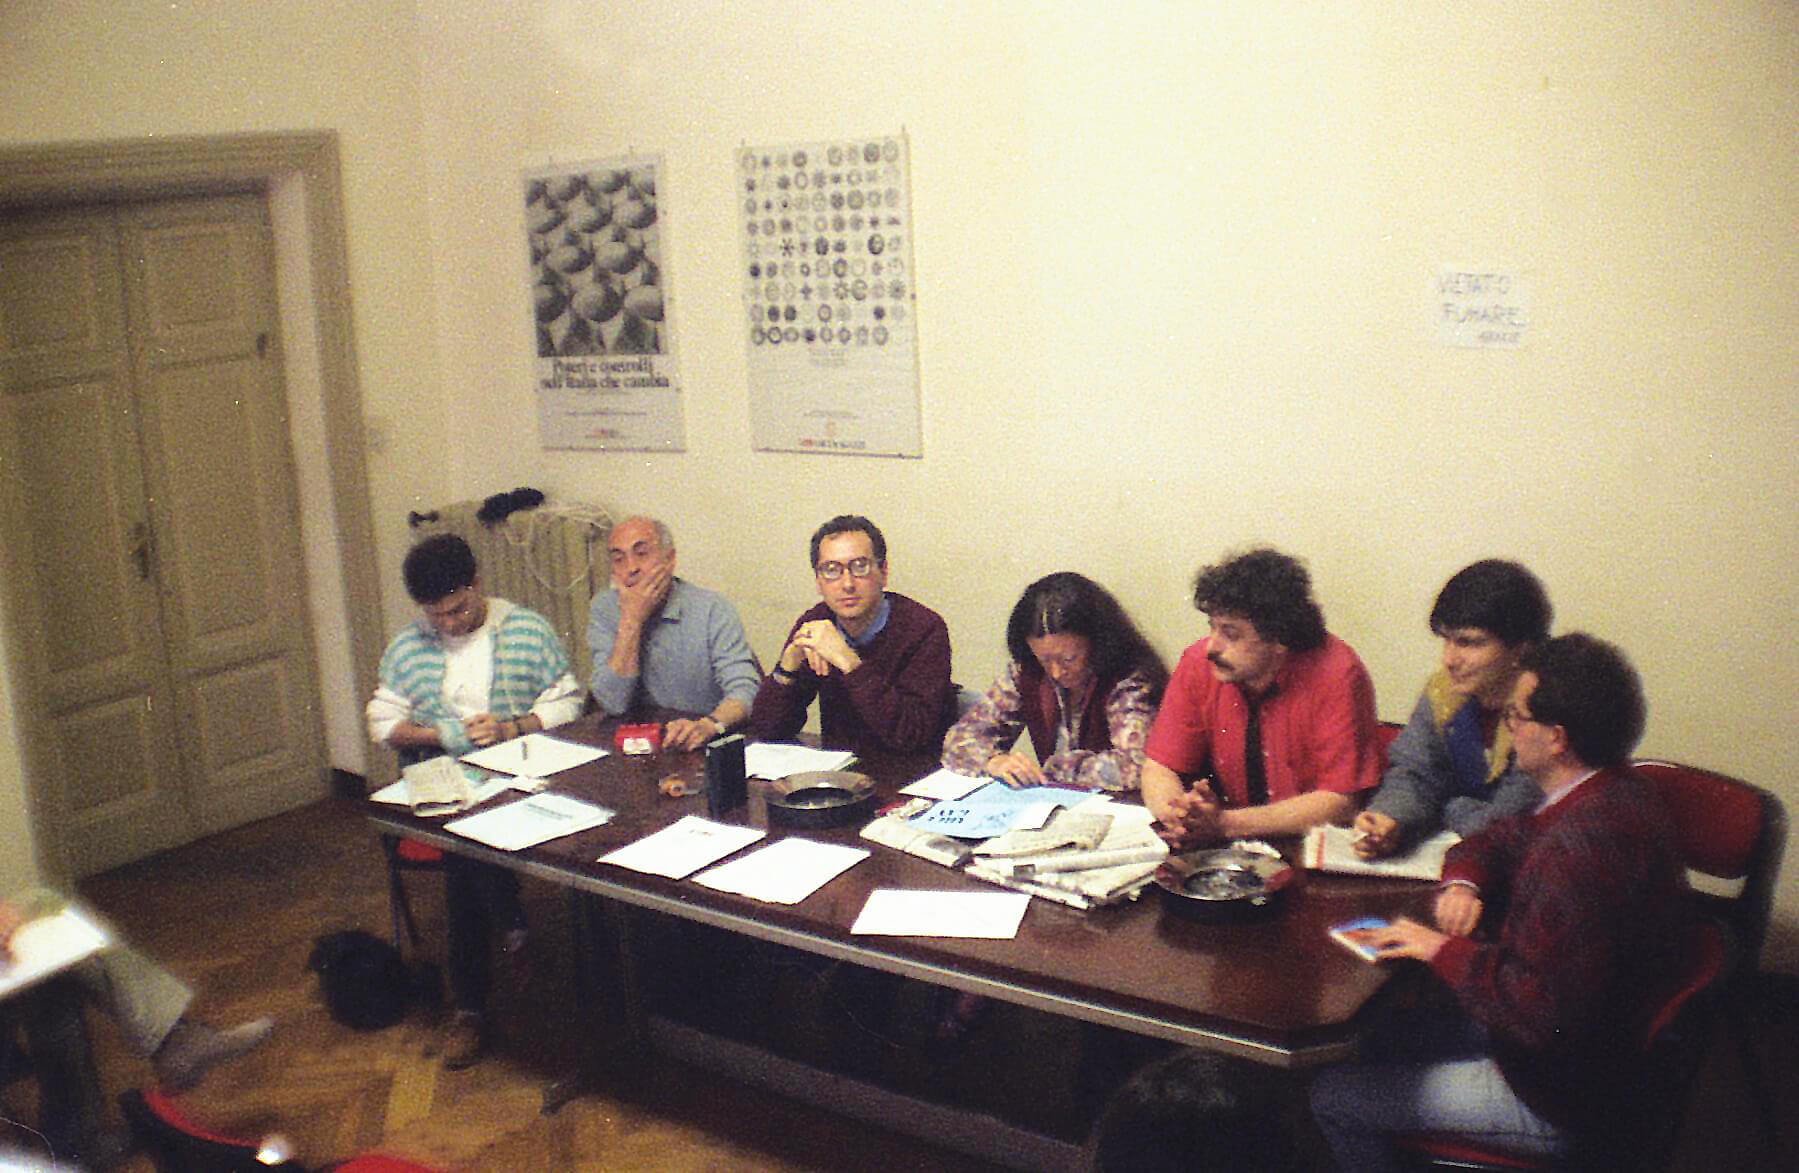 Riunione storica dell'Arci-gay a Roma. Si riconoscono da sinistra Felix, don Marco Bisceglia, Franco Grillini, Daniela Rossi, Beppe Ramina, Nichi Vendola e Luigi Amodio.